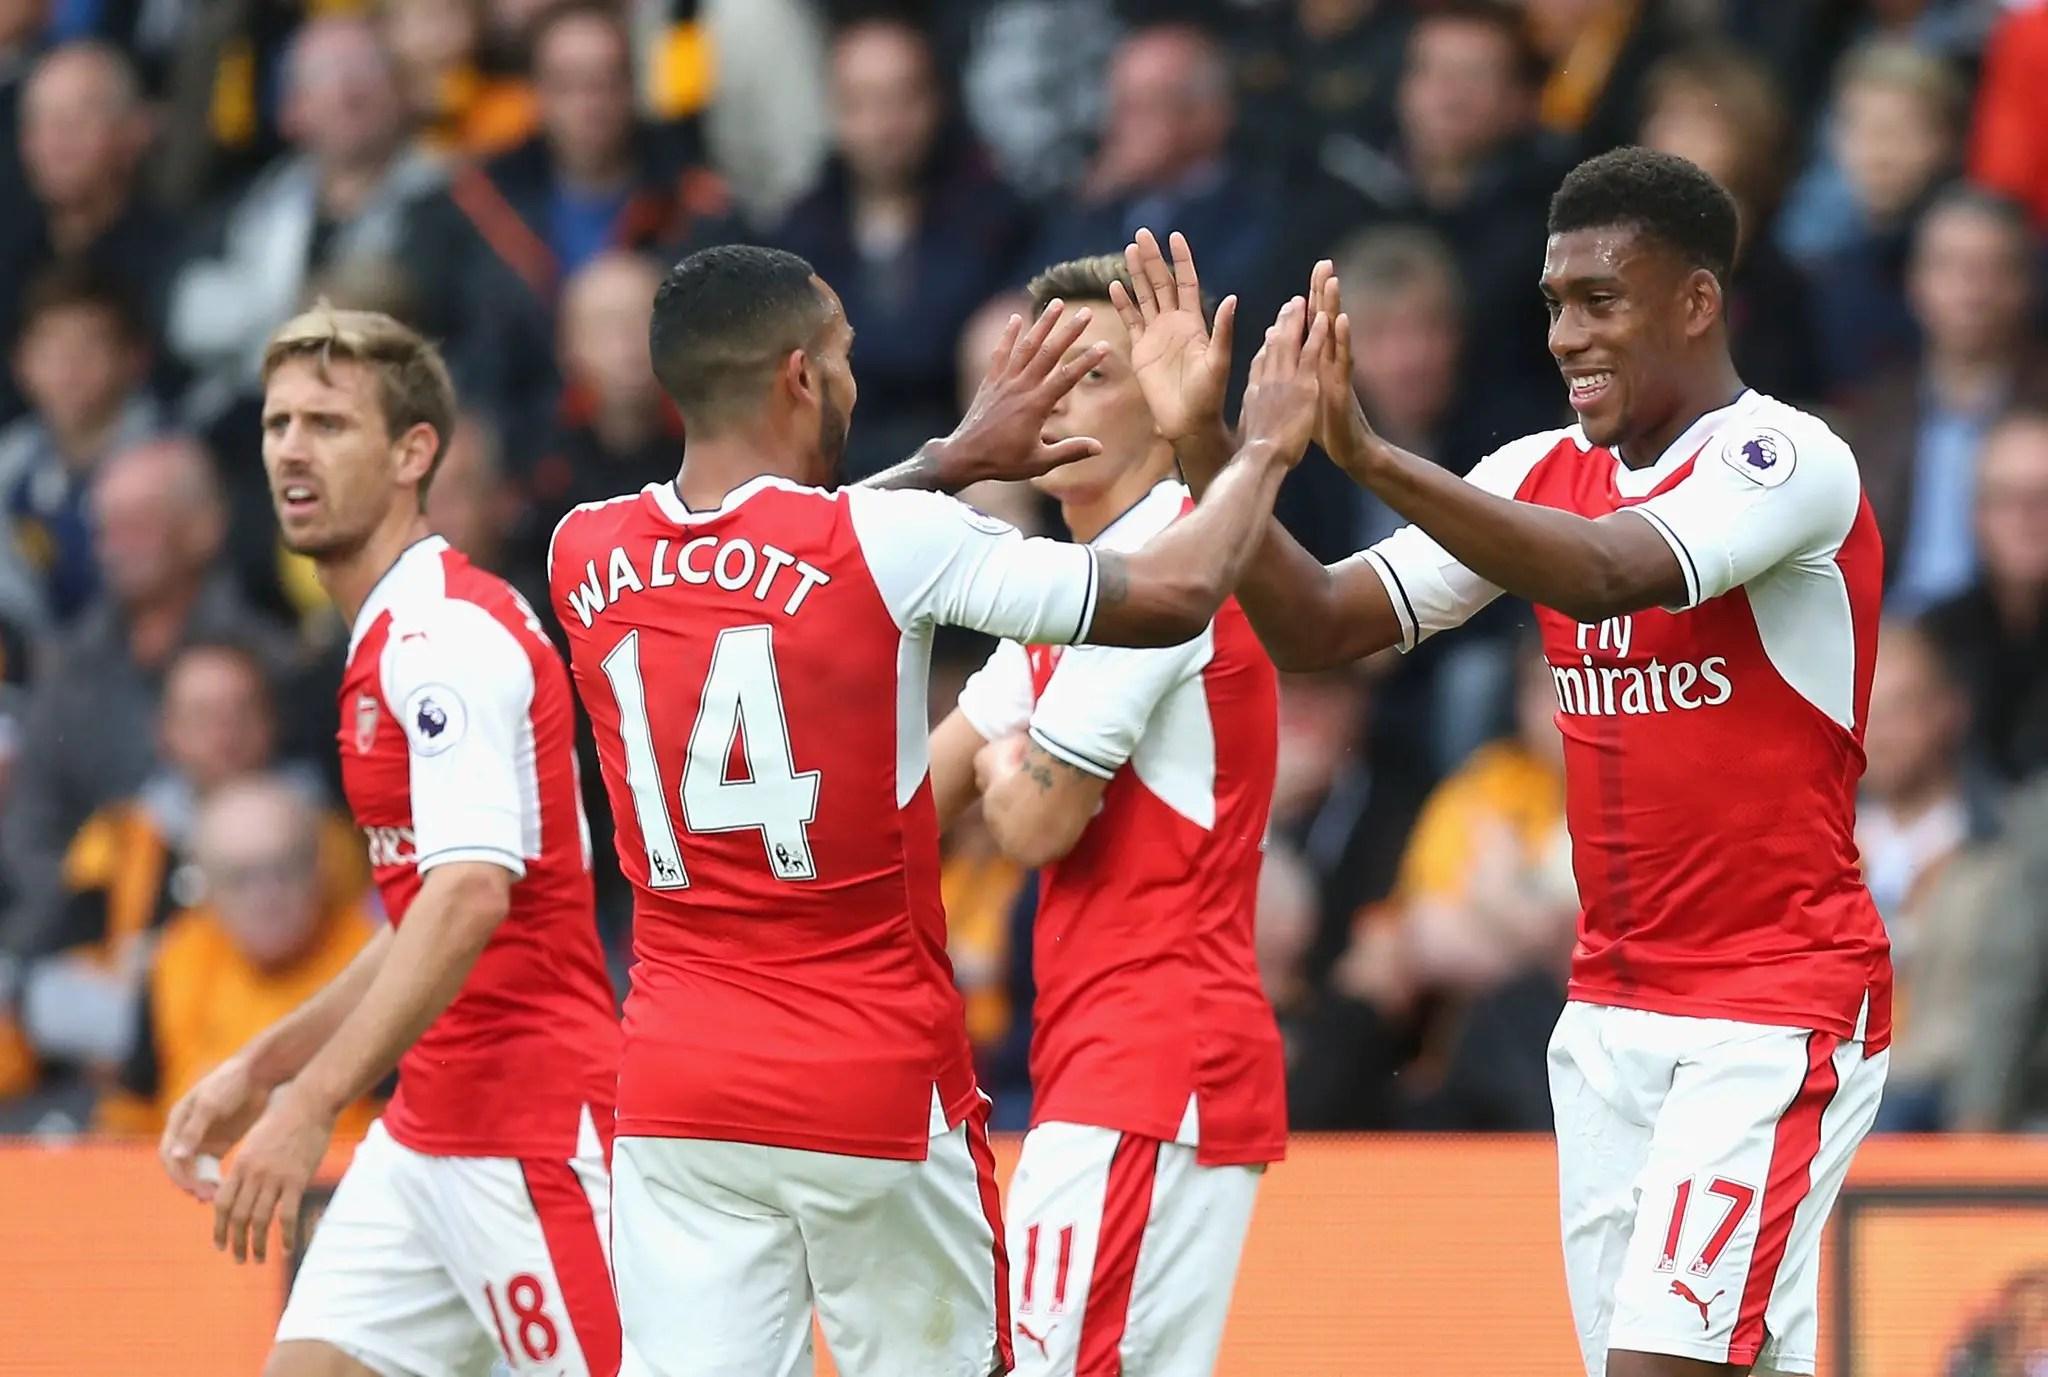 Kanu To Arsenal: Don't Stop Winning, Gunners